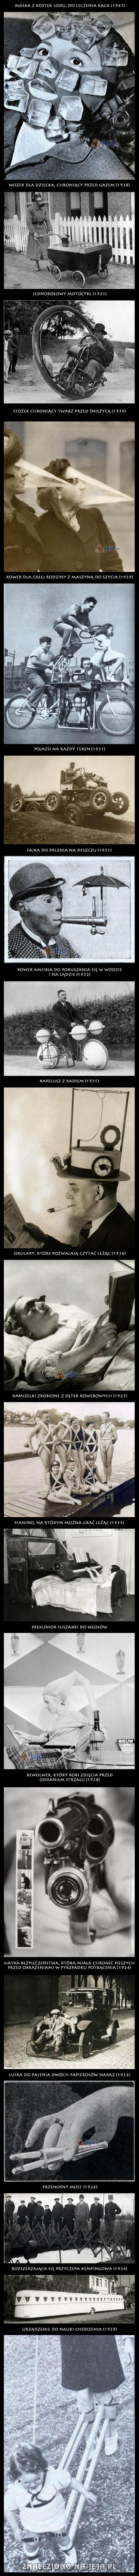 Dziwne wynalazki z XX wieku